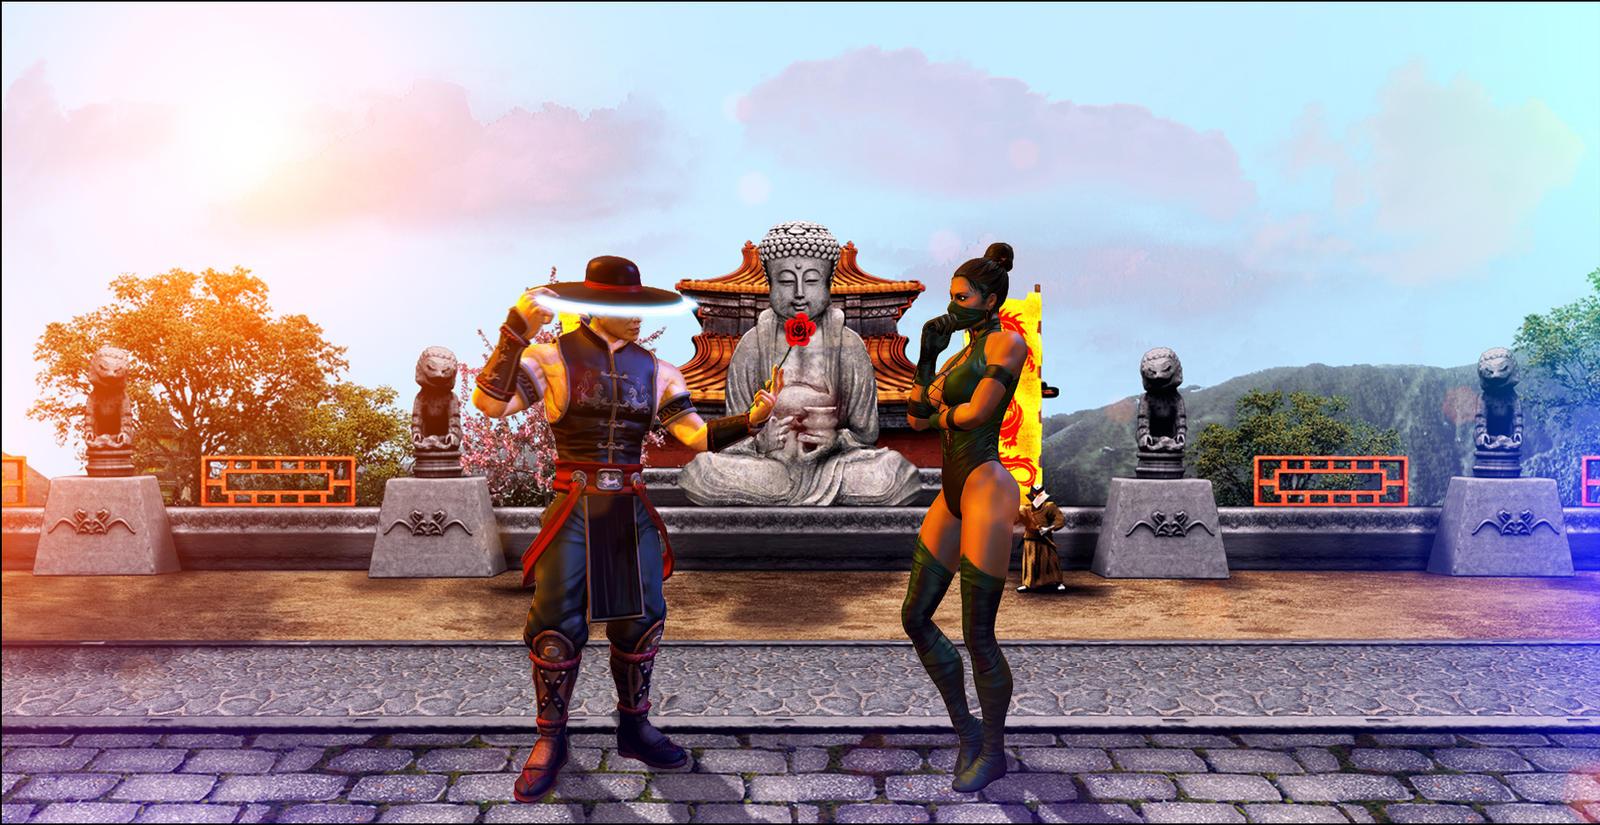 Kung-Lao and Jade by CJRus